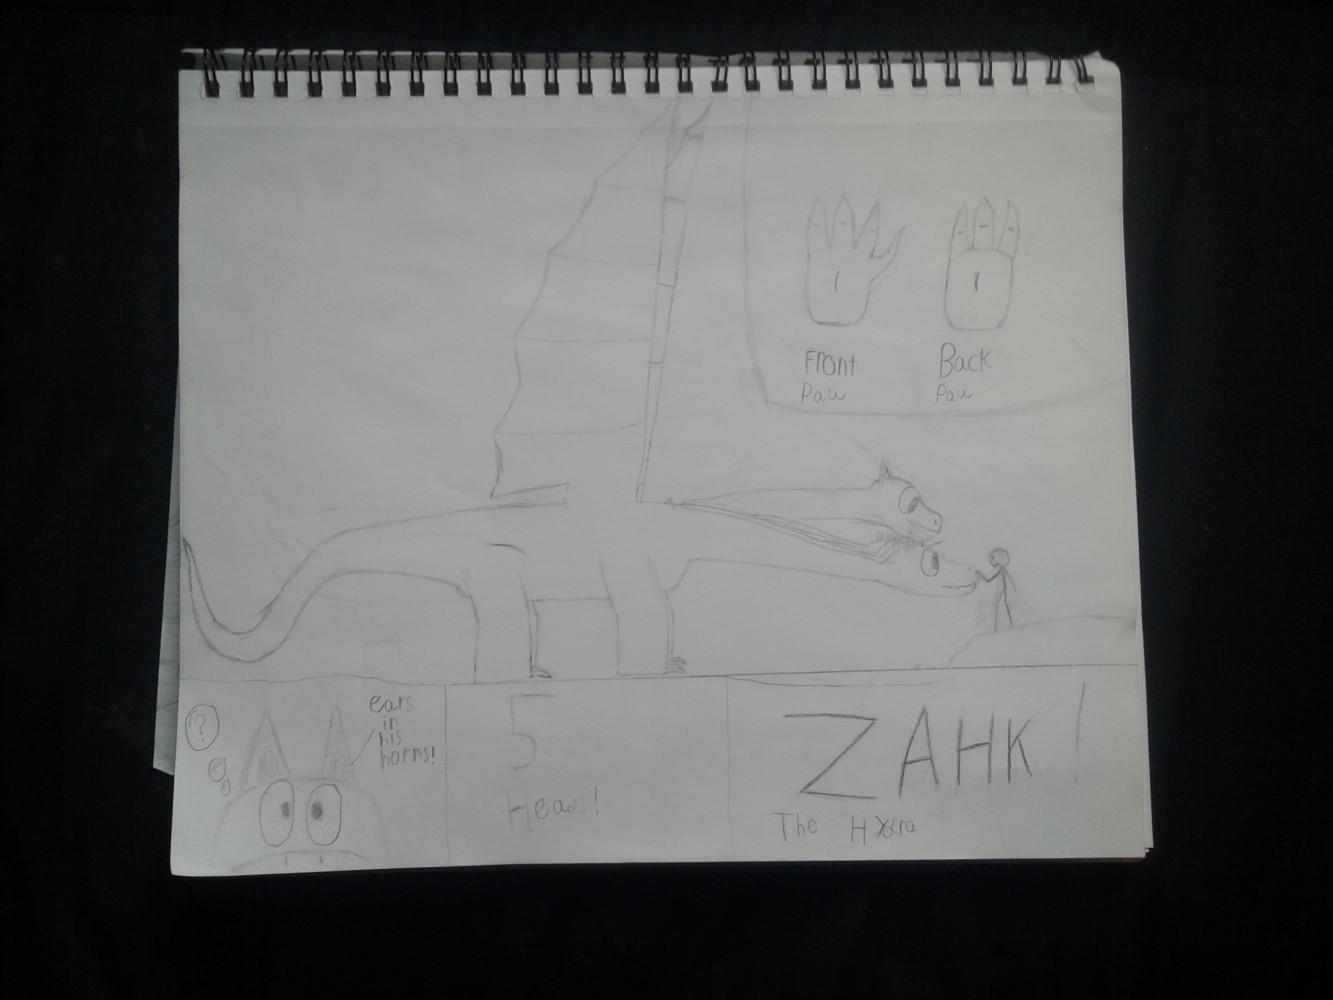 Zahk #1 by Manj10